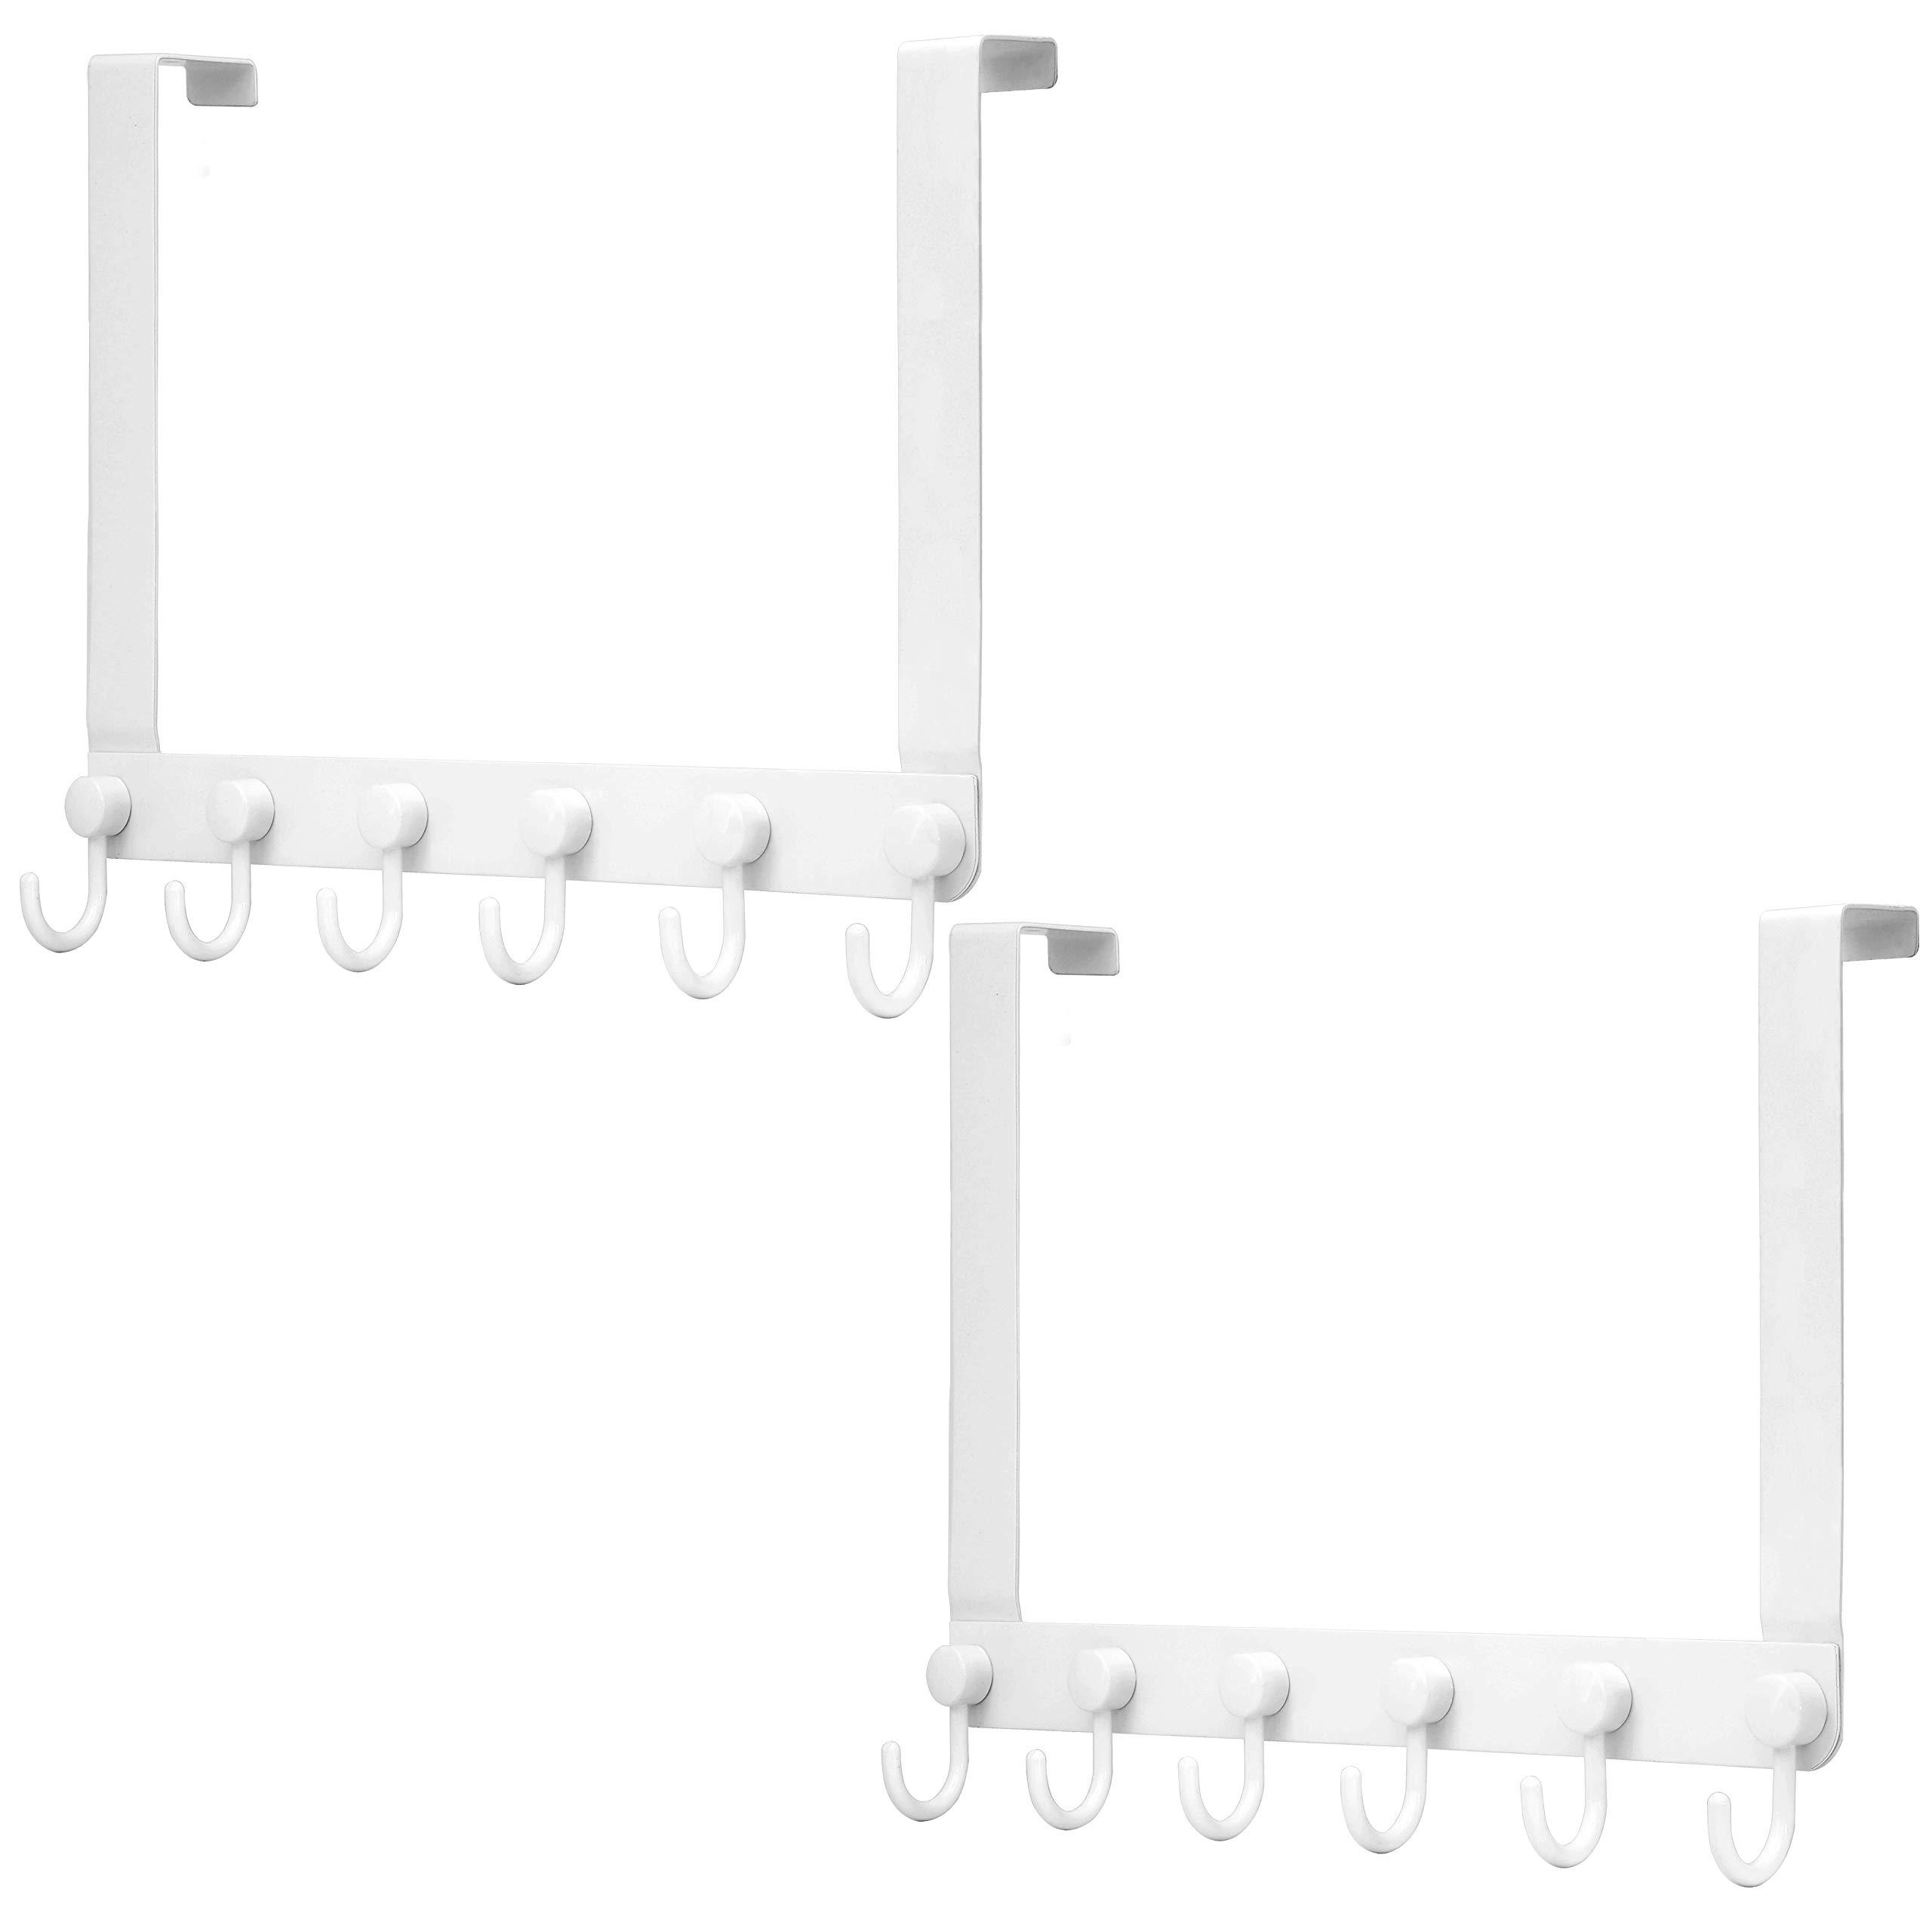 webi over the door hook door hanger over the door towel rack with 6 coat hooks for hanging door coat hanger over door coat rack for